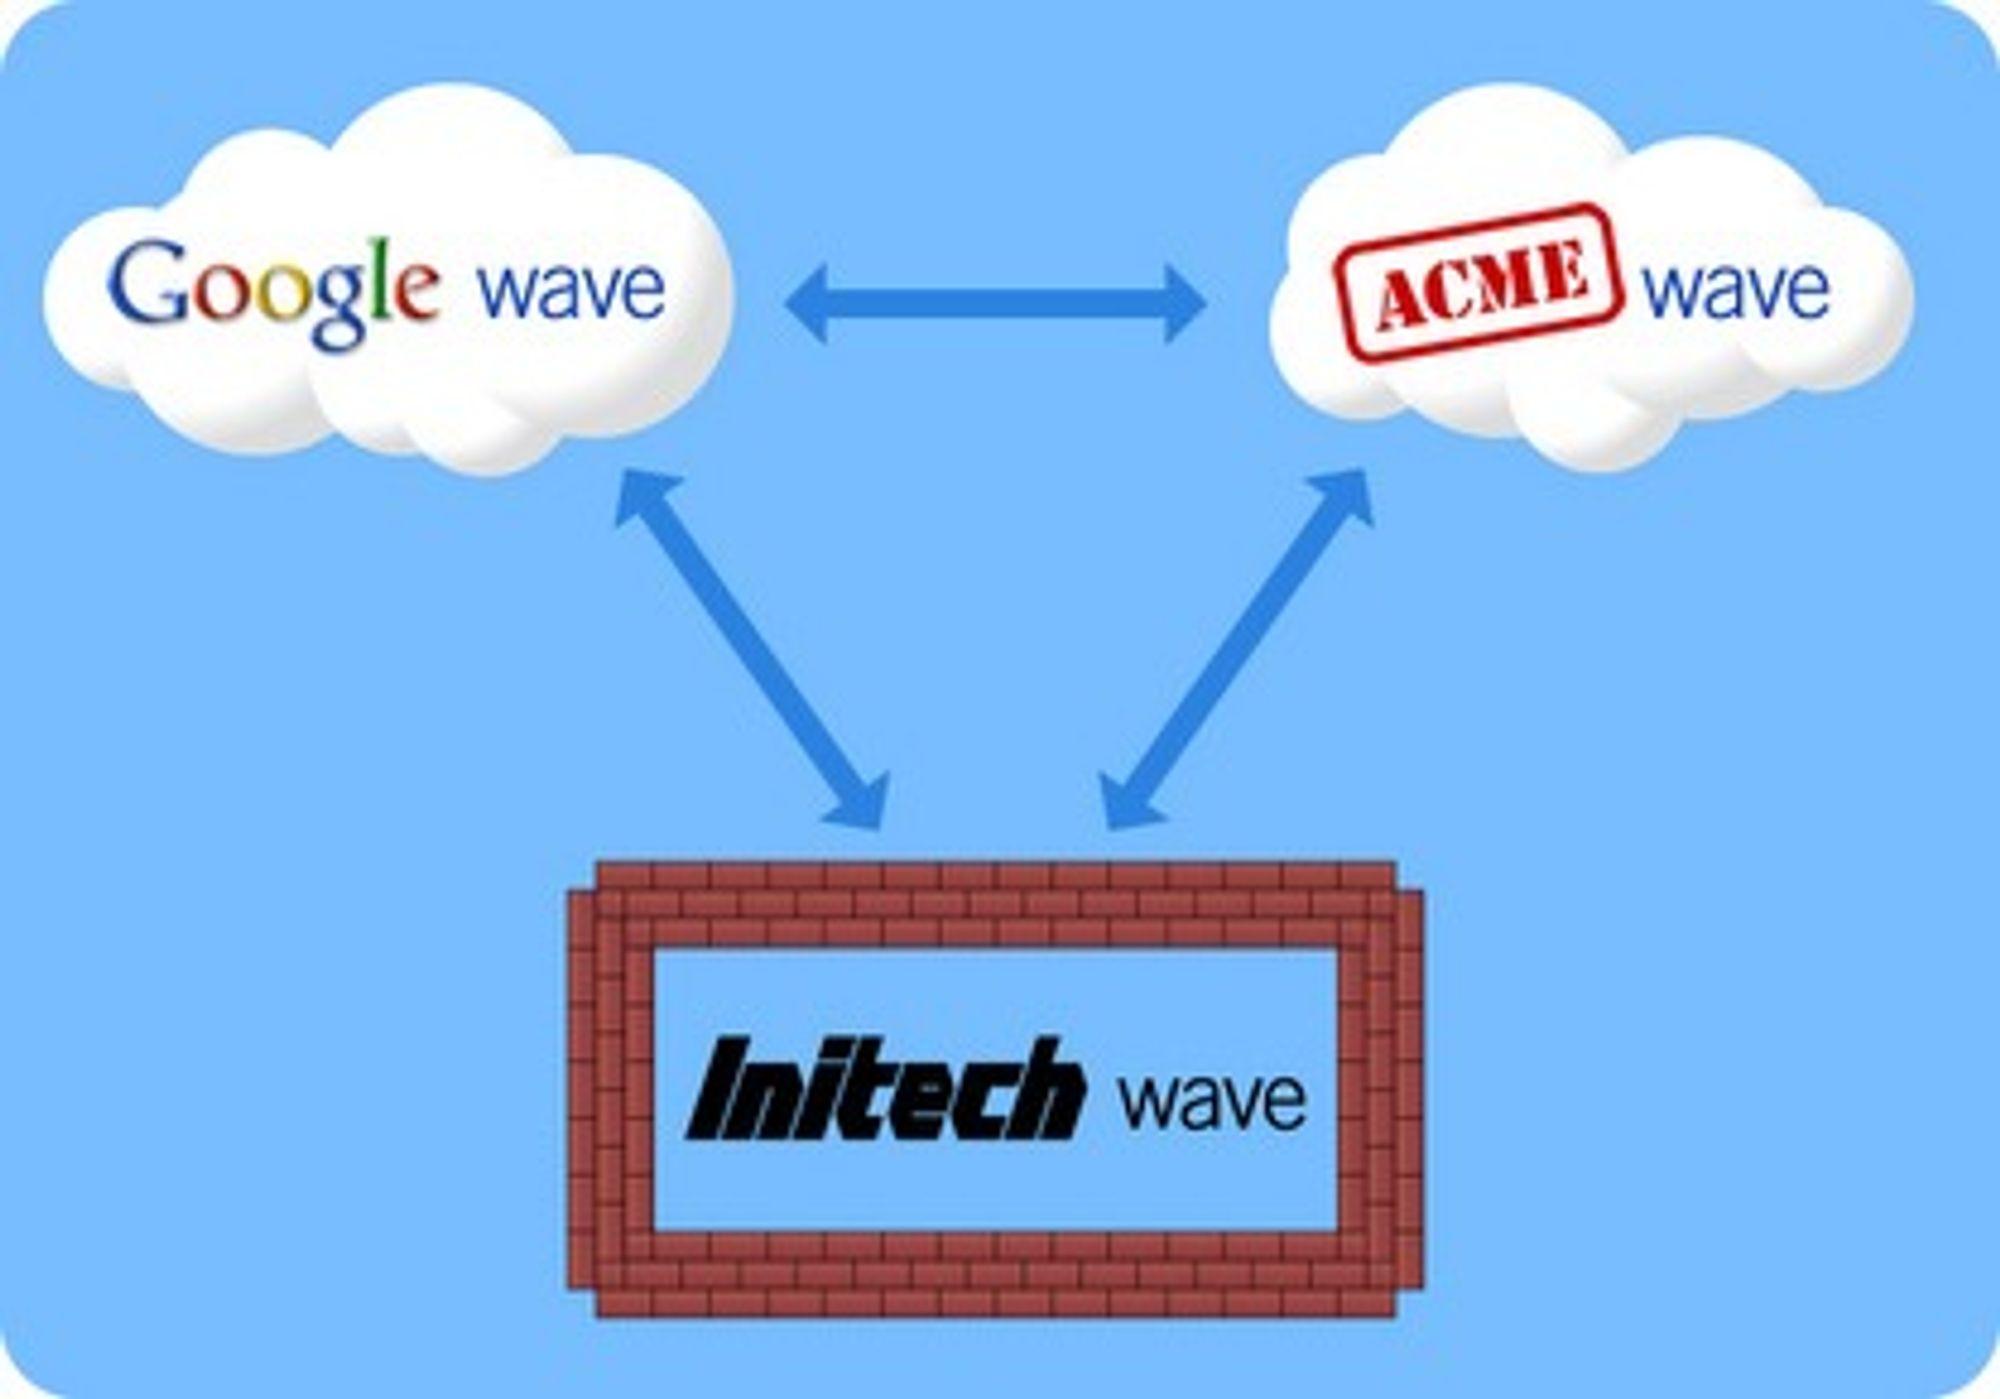 Google Wave skal kunne utveksle bølger med andre bølgetjenester.